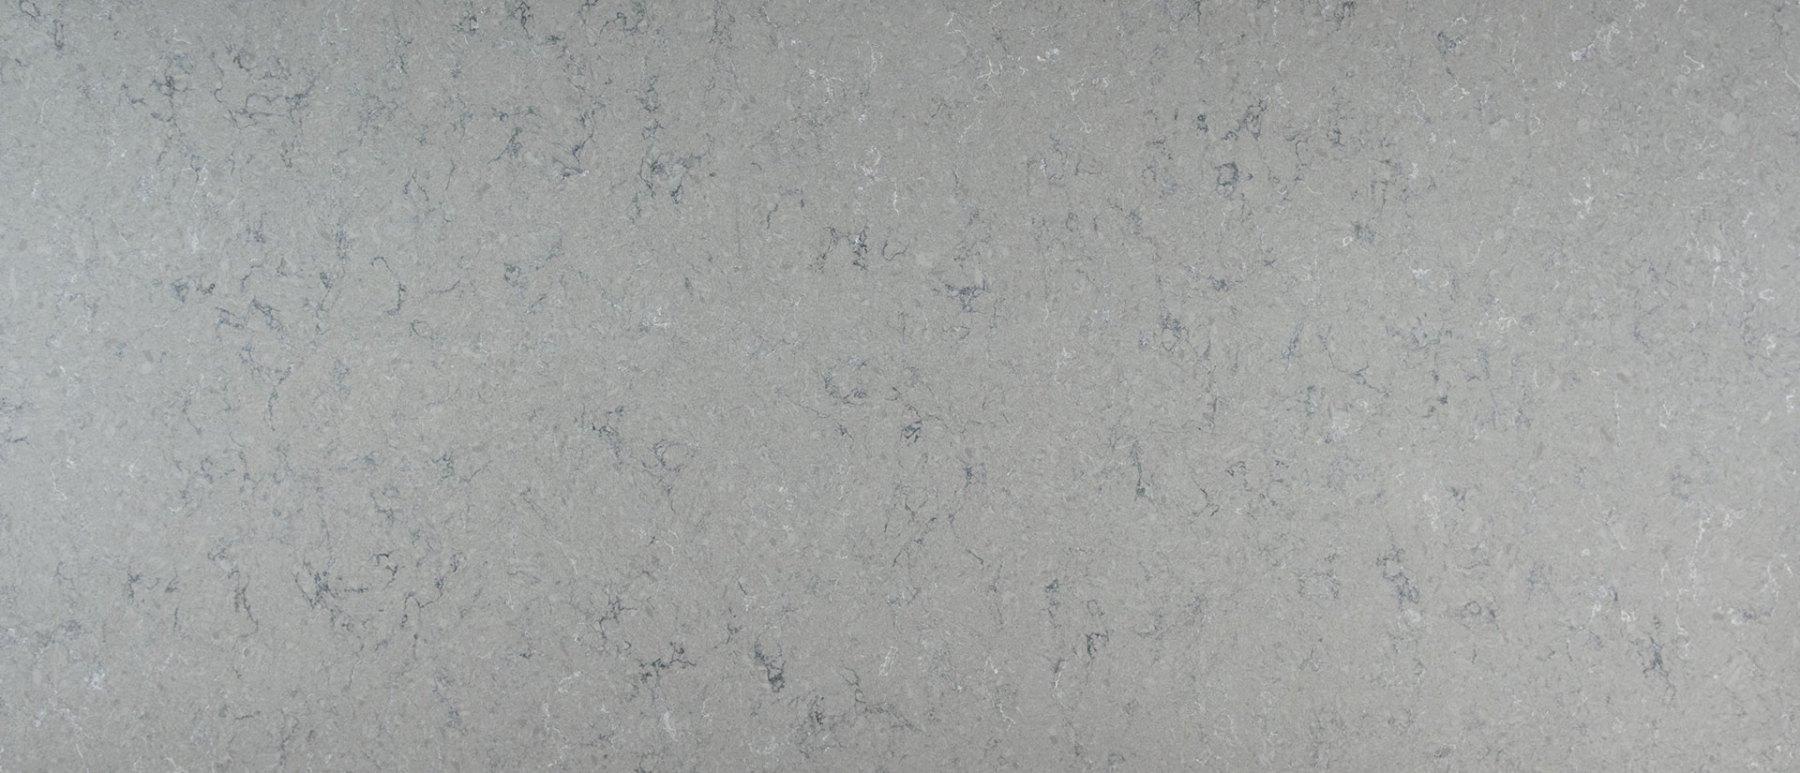 fantasy-gray-quartz